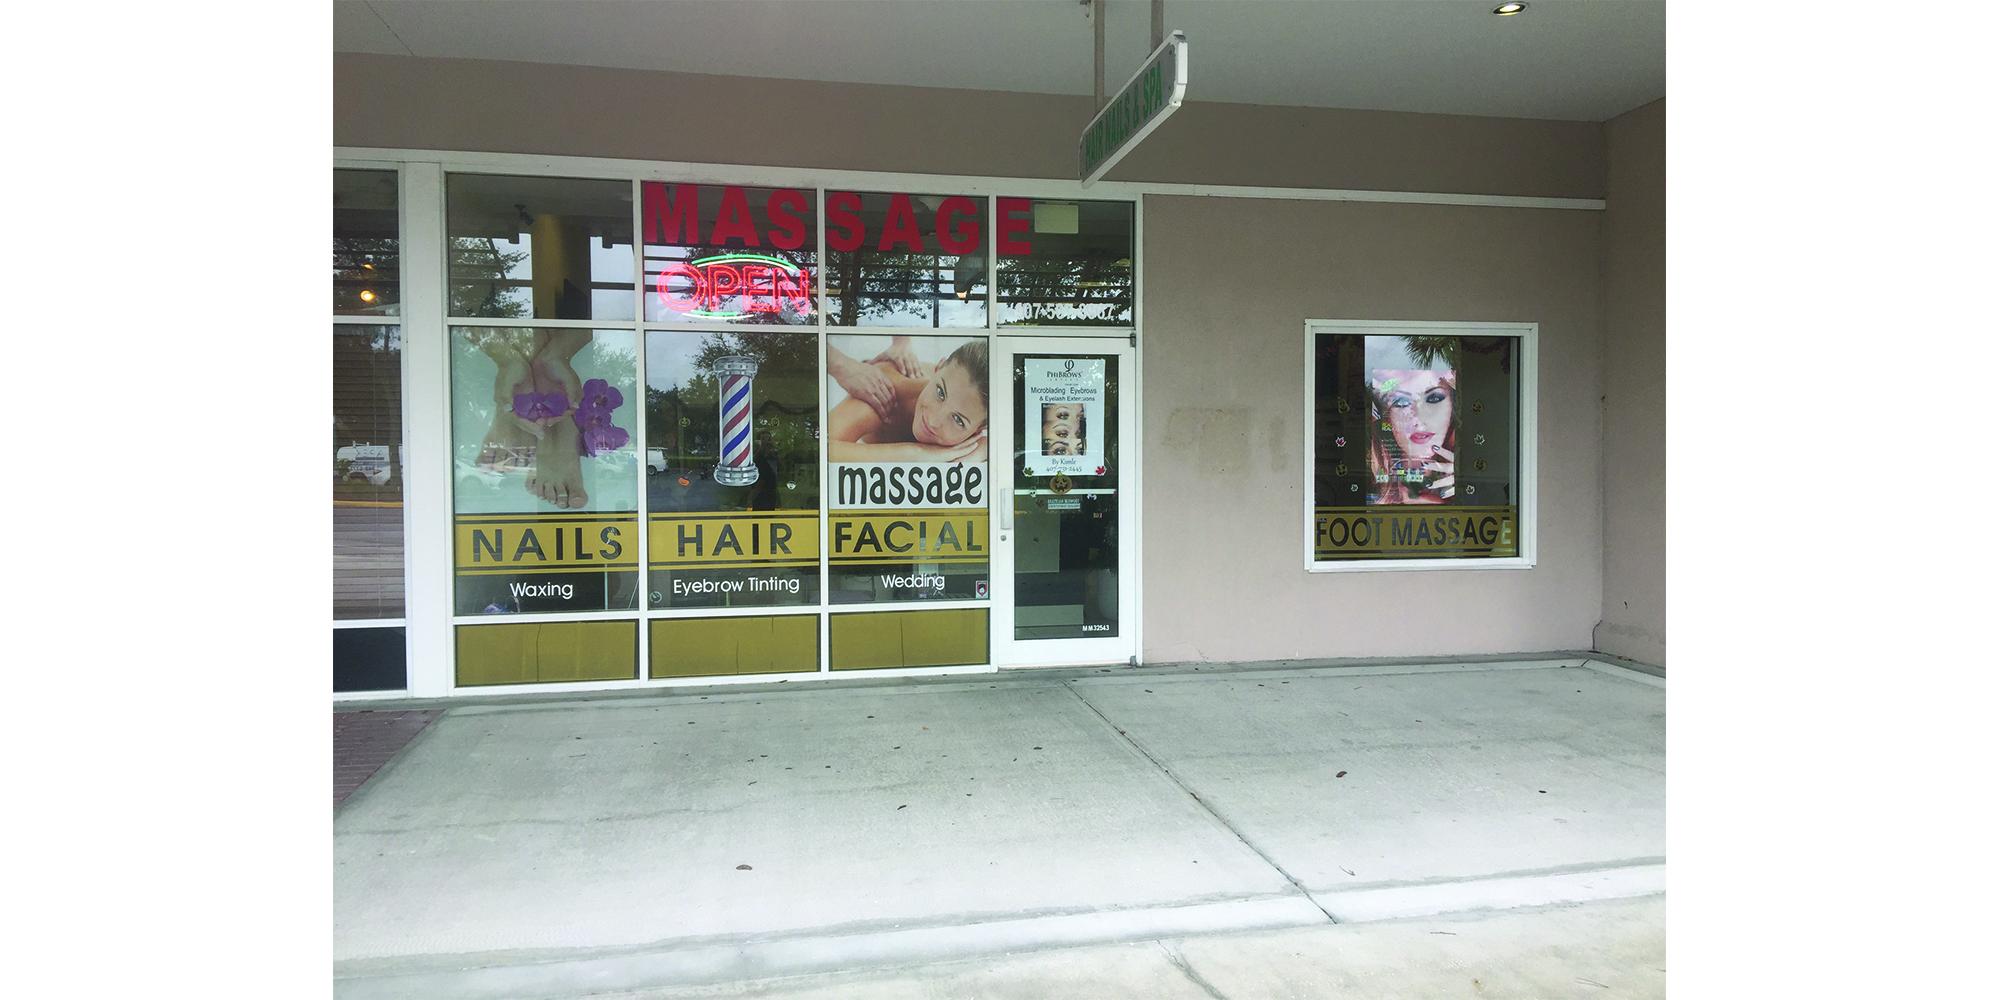 Nails Hair Mage Barber Haircut Near Disney World Our Nail Salon